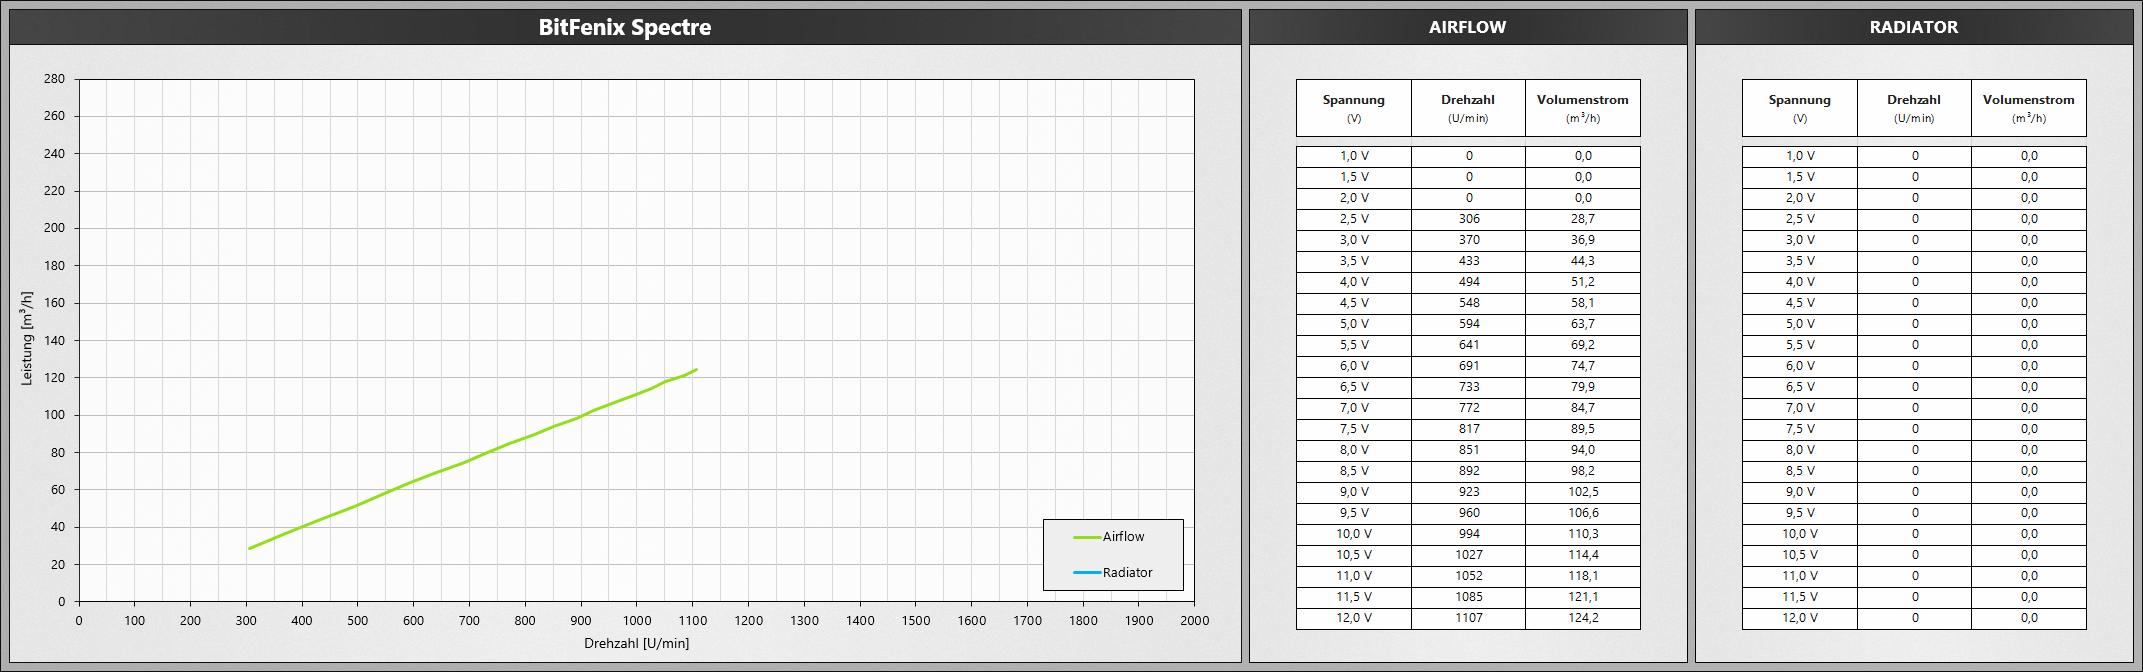 Klicken Sie auf die Grafik für eine größere Ansicht  Name:BitFenixSpectre.png Hits:663 Größe:465,0 KB ID:1074753